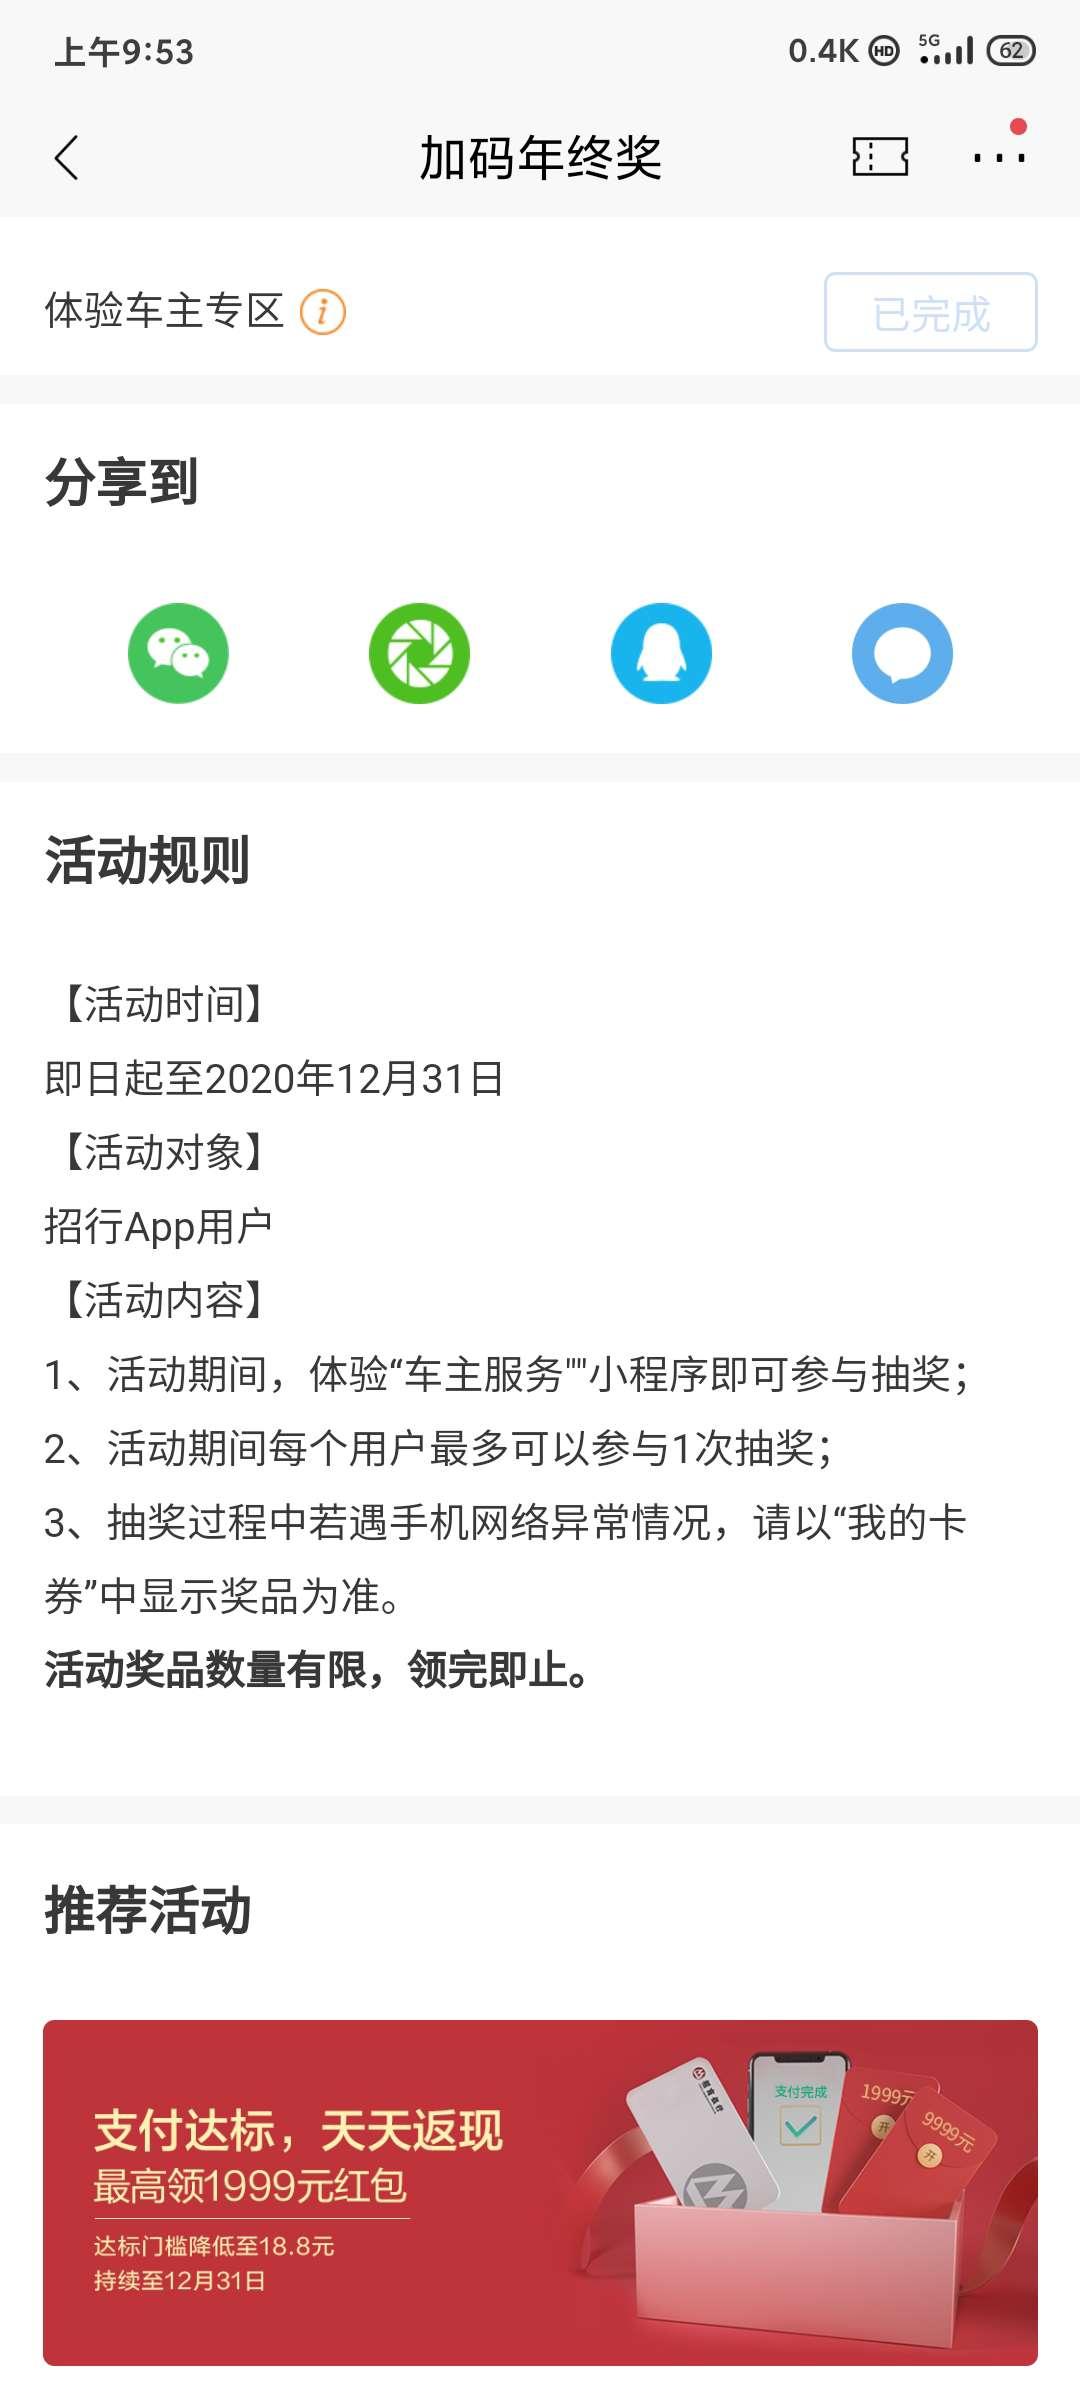 招商银行app新年加油站领红包插图1